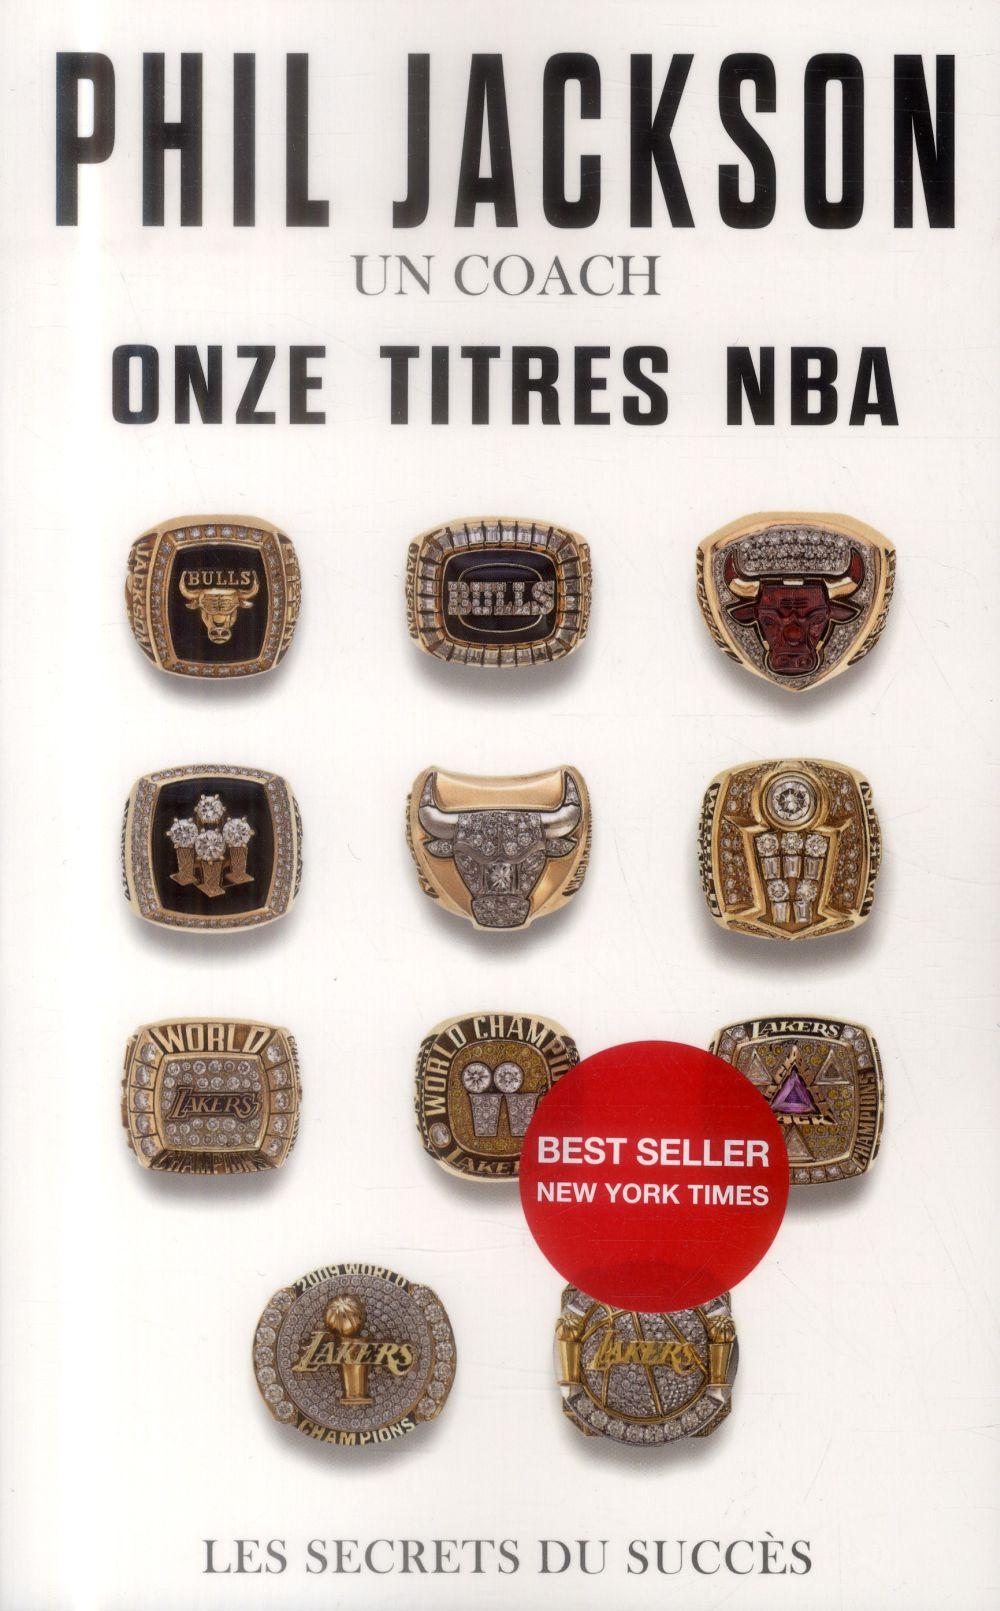 PHIL JACKSON UN COACH ONZE TITRES NBA LES SECRETS DU SUCCES